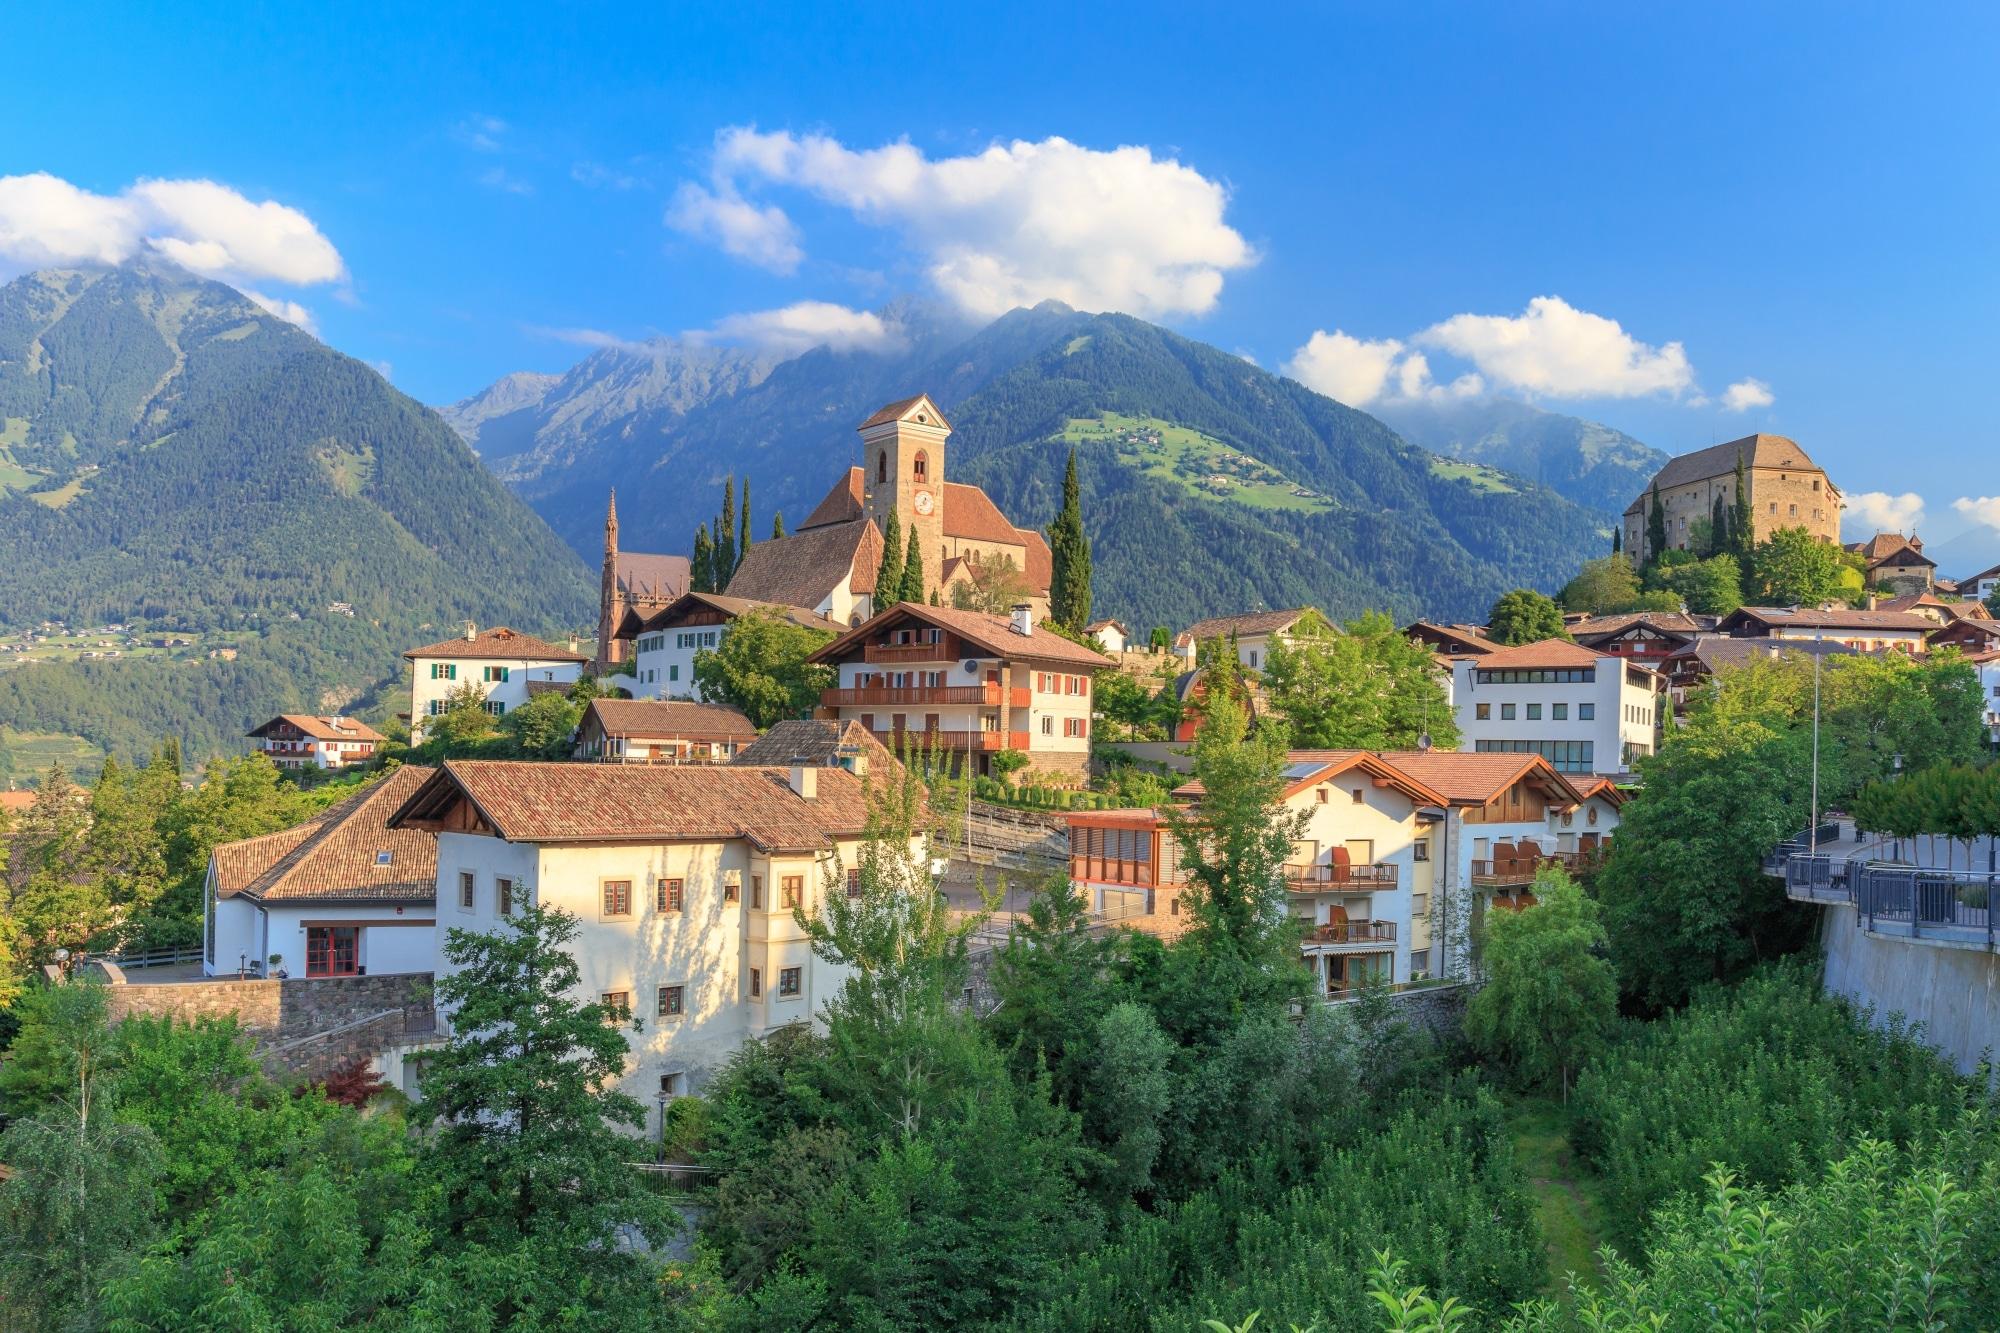 Südtiroler Bergdorf Schenna bei Meran © adobestock